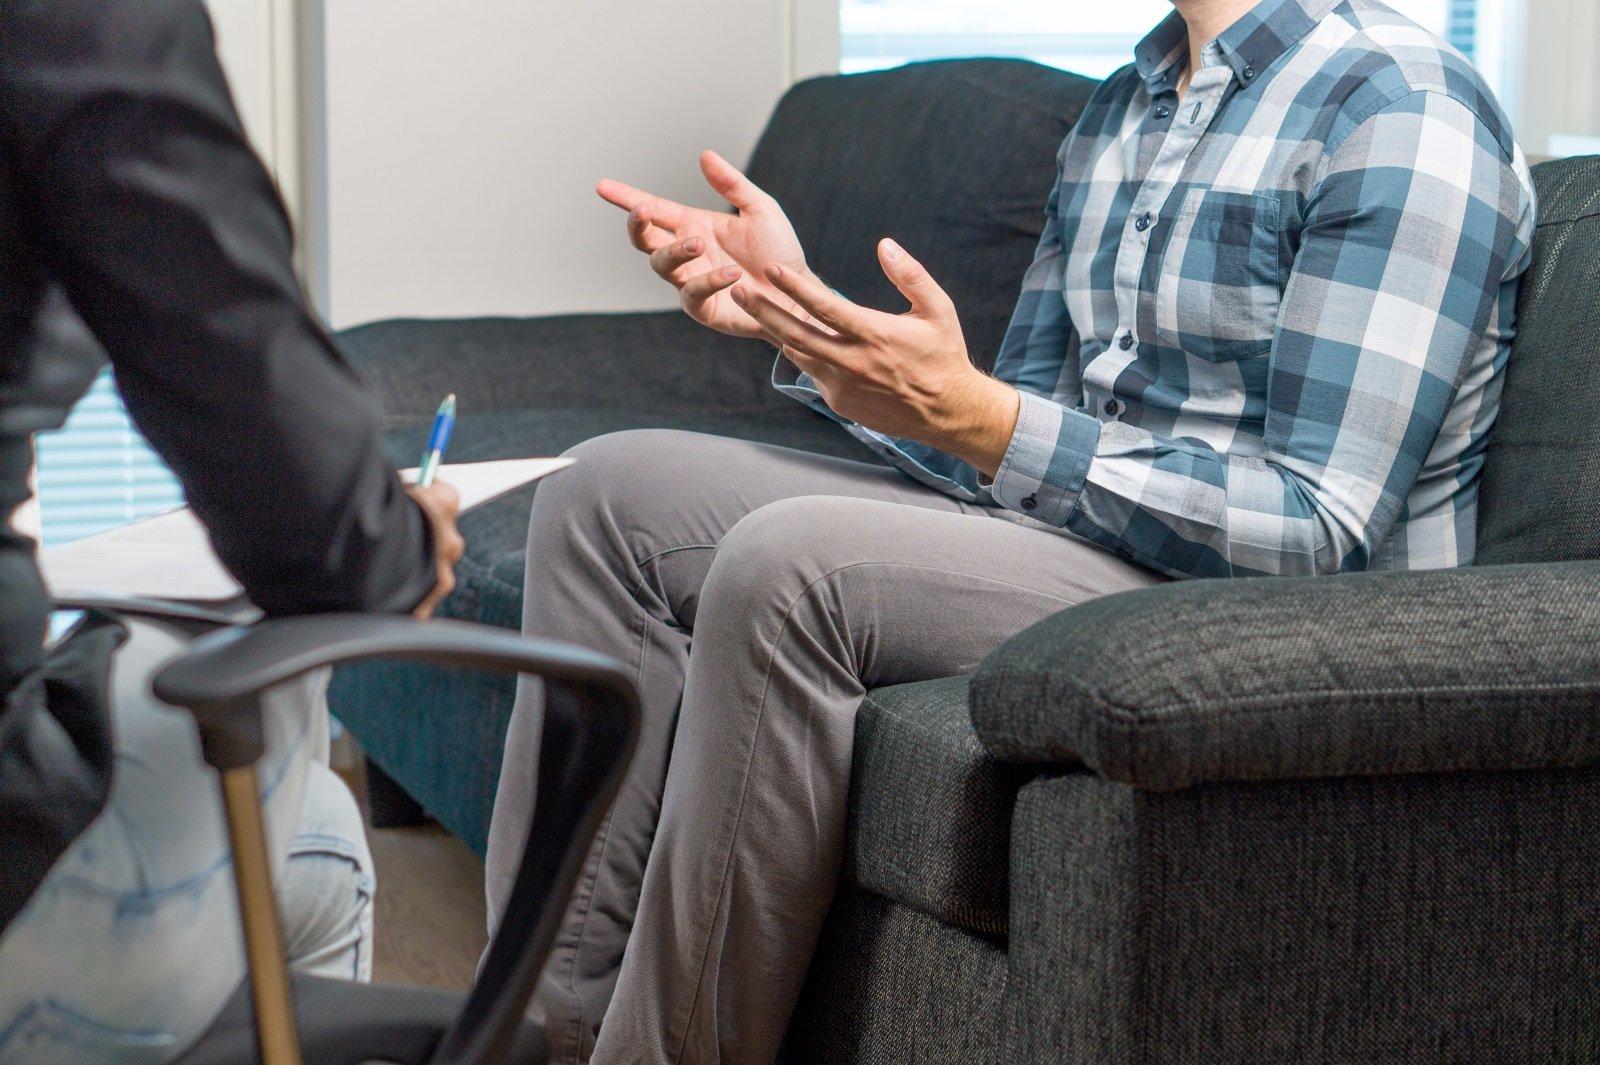 un paziente spiega allo psicologo i suoi problemi